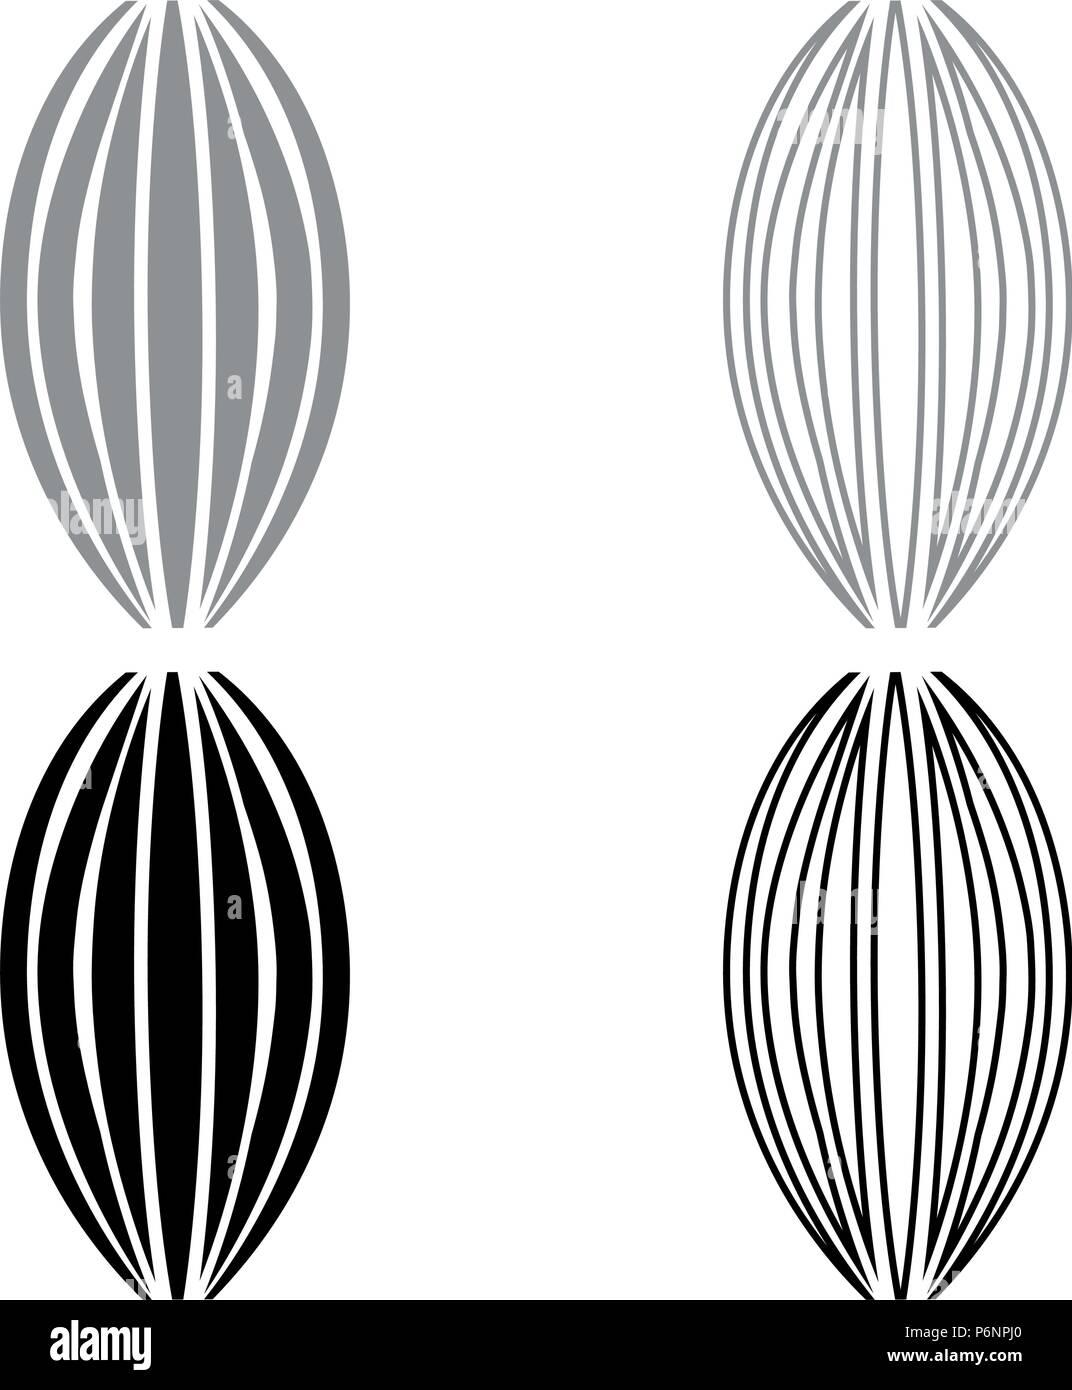 Conjunto de iconos muscular ilustración en color negro gris tipo plano simple imagen Imagen De Stock